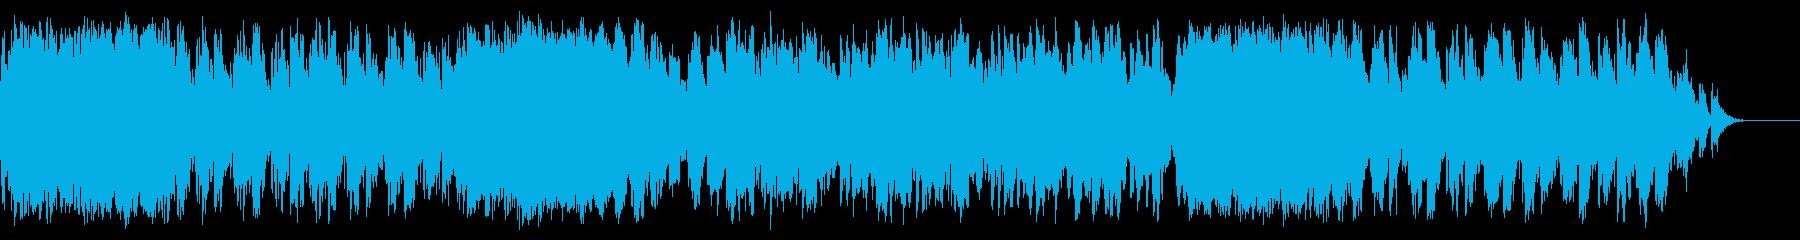 メリーゴーランドのような3拍子のインストの再生済みの波形